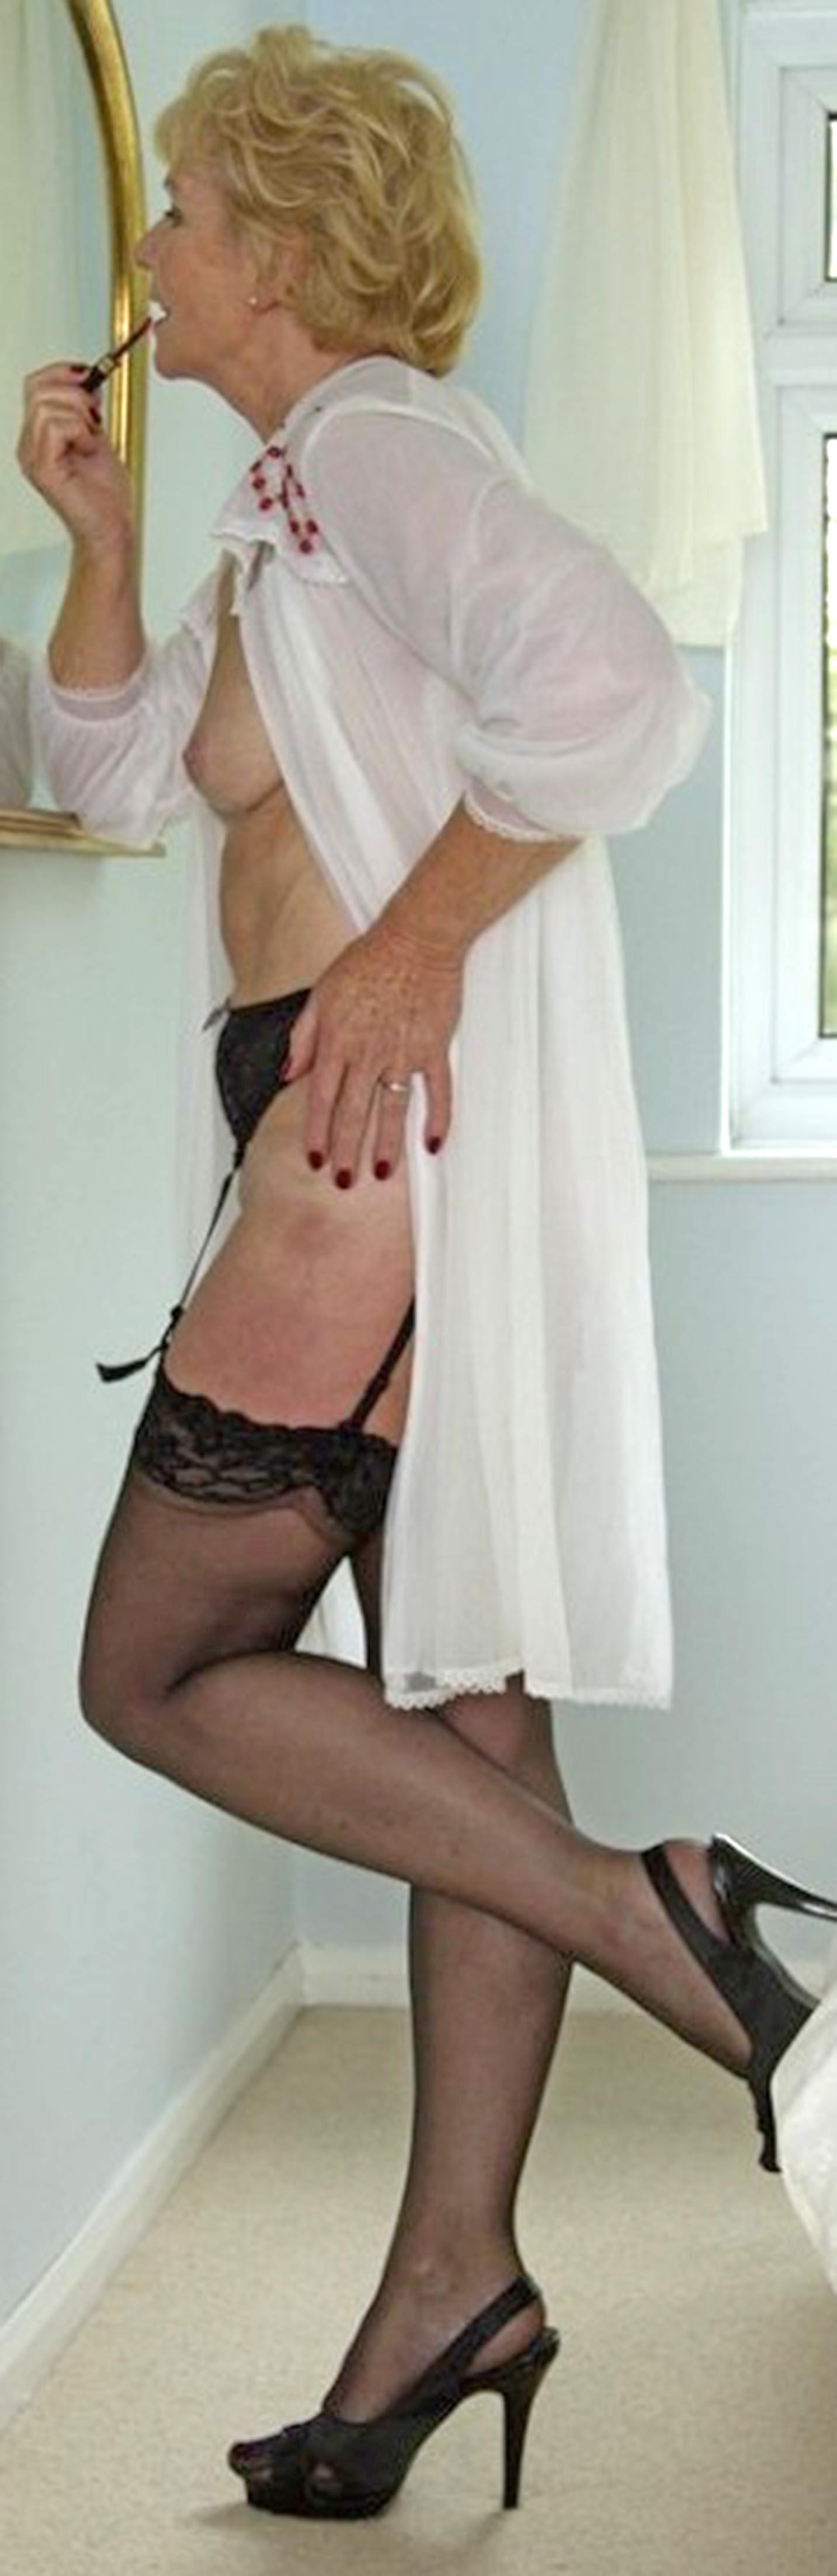 fabulously sexy | love mature moms | pinterest | beautiful legs